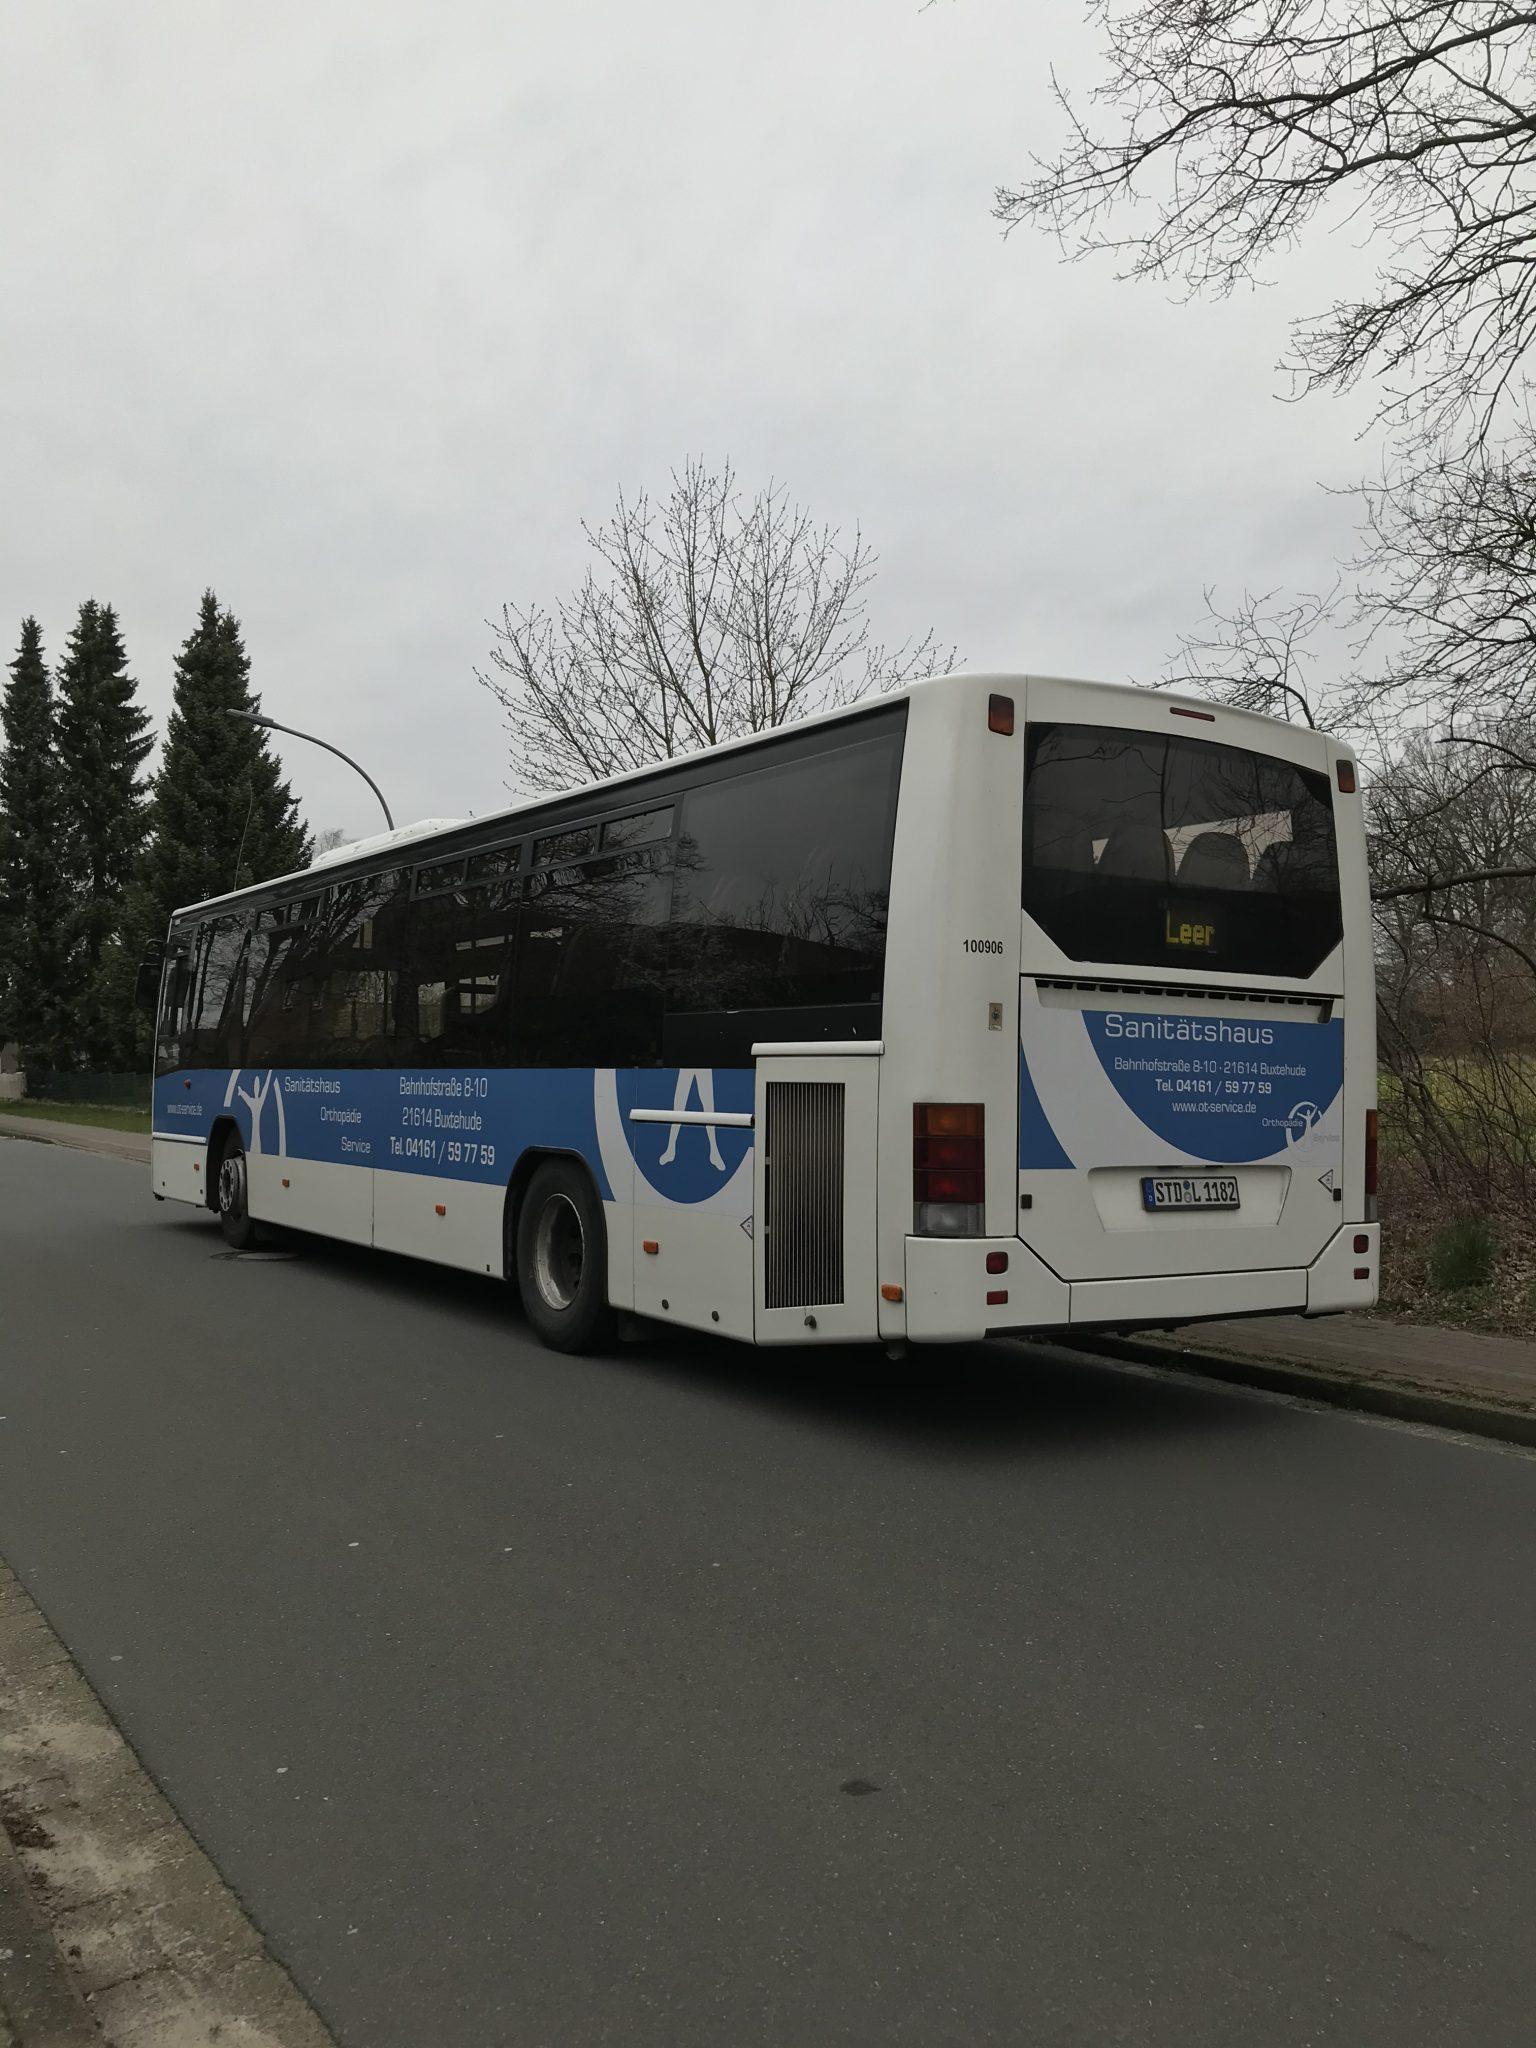 Kein Anschluss im Landkreis Harburg